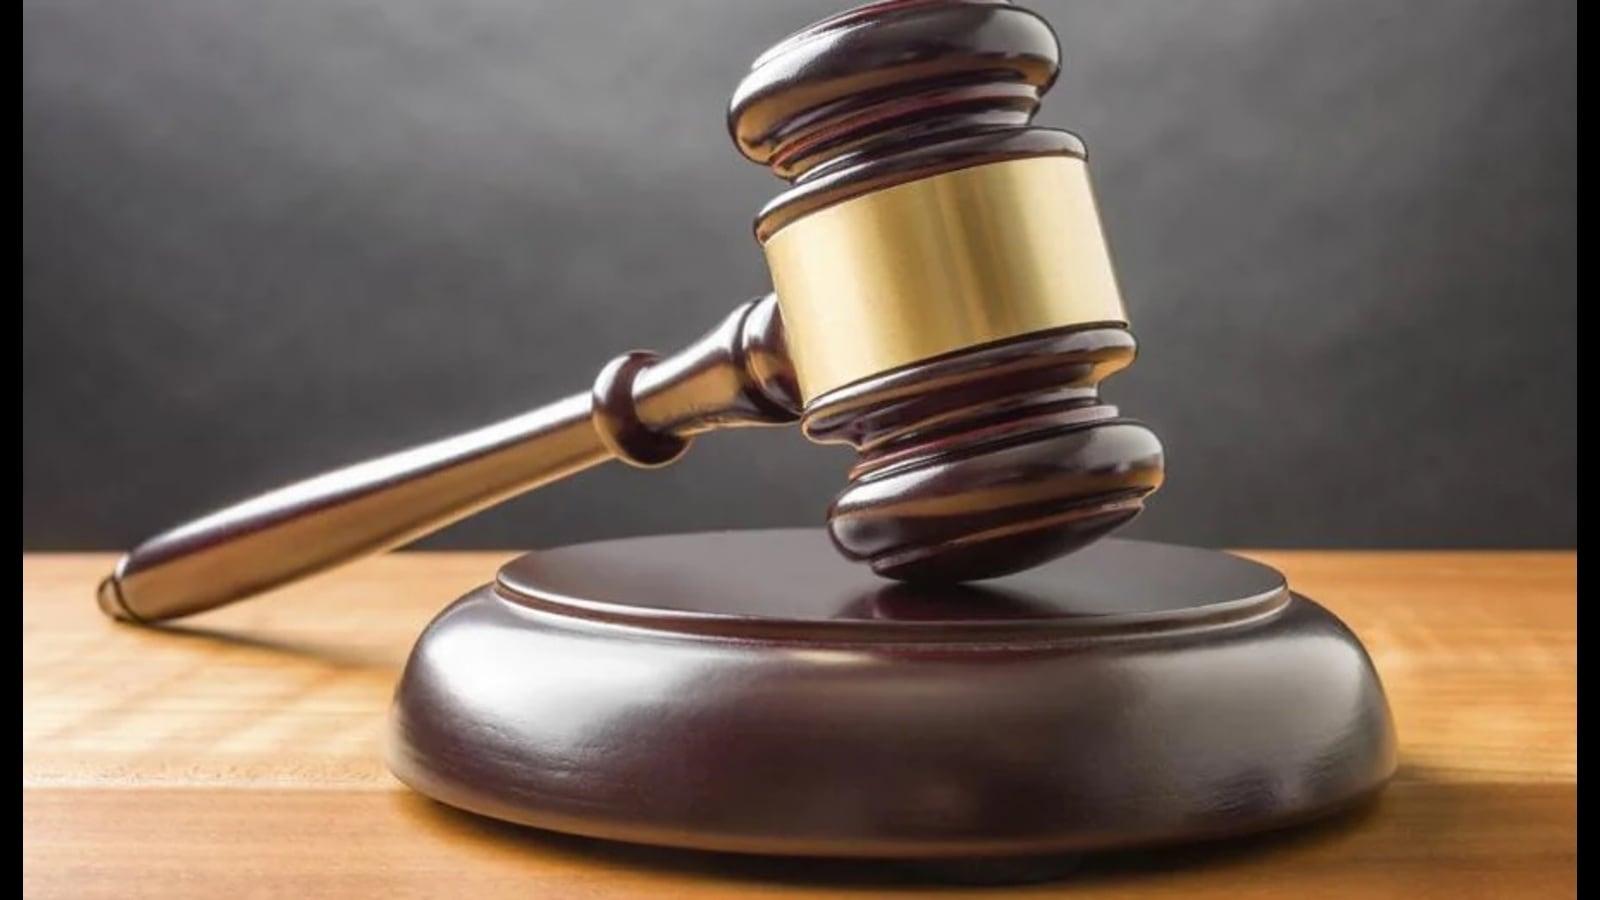 Dalit sisters burnt alive: Seven get life imprisonment in UP's Moradabad